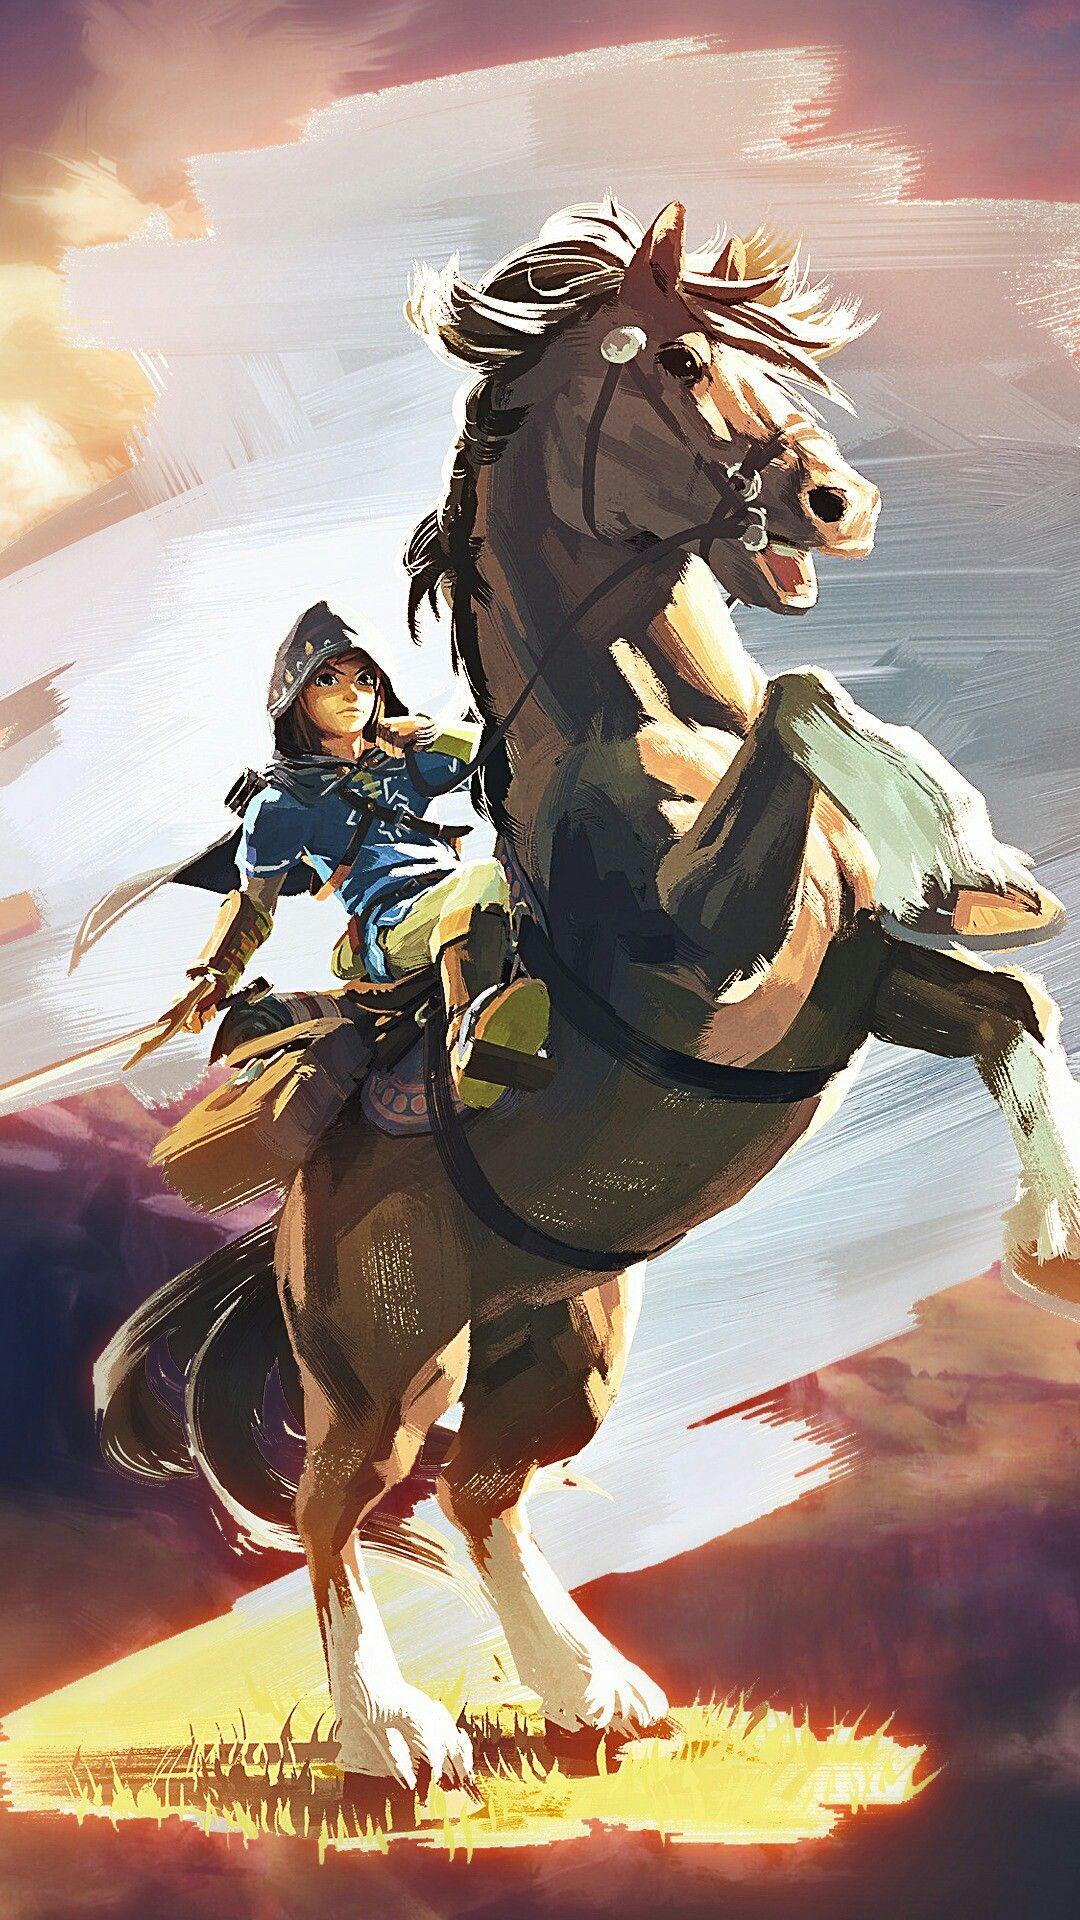 Zelda iphone wallpaper tumblr - Legend Of Zelda Breath Of The Wild